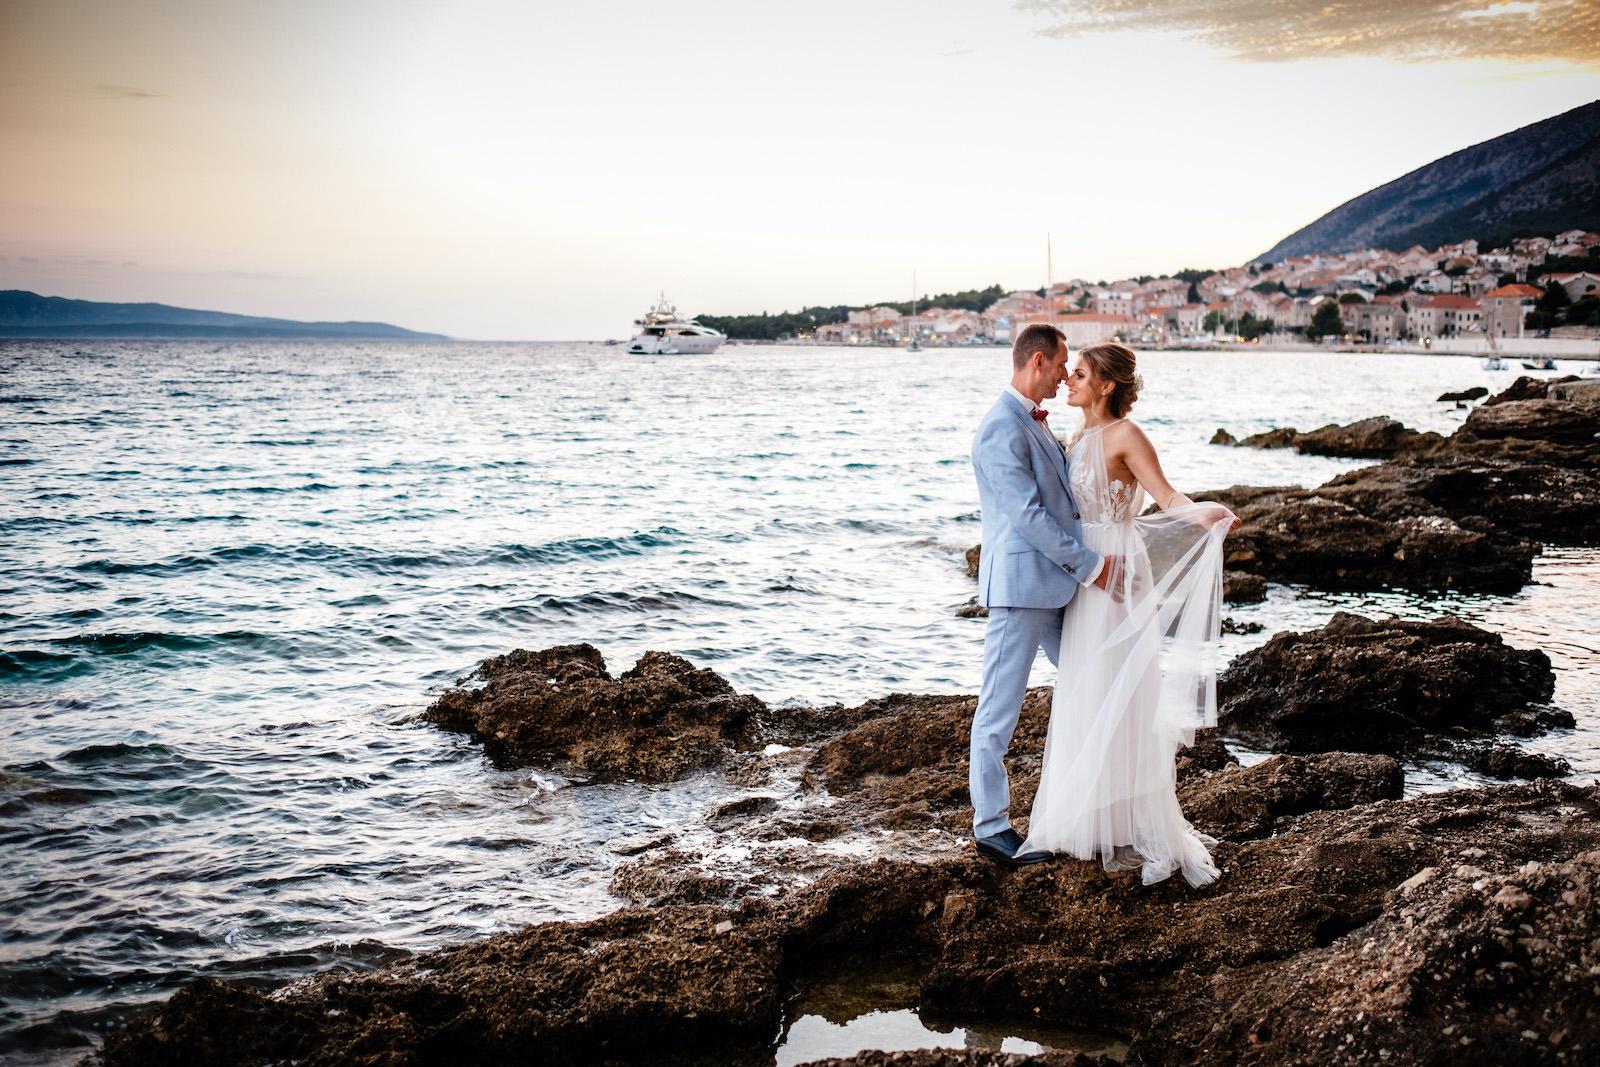 hochzeitsfeier-kroatien-destination-wdding-planner-croatia-love